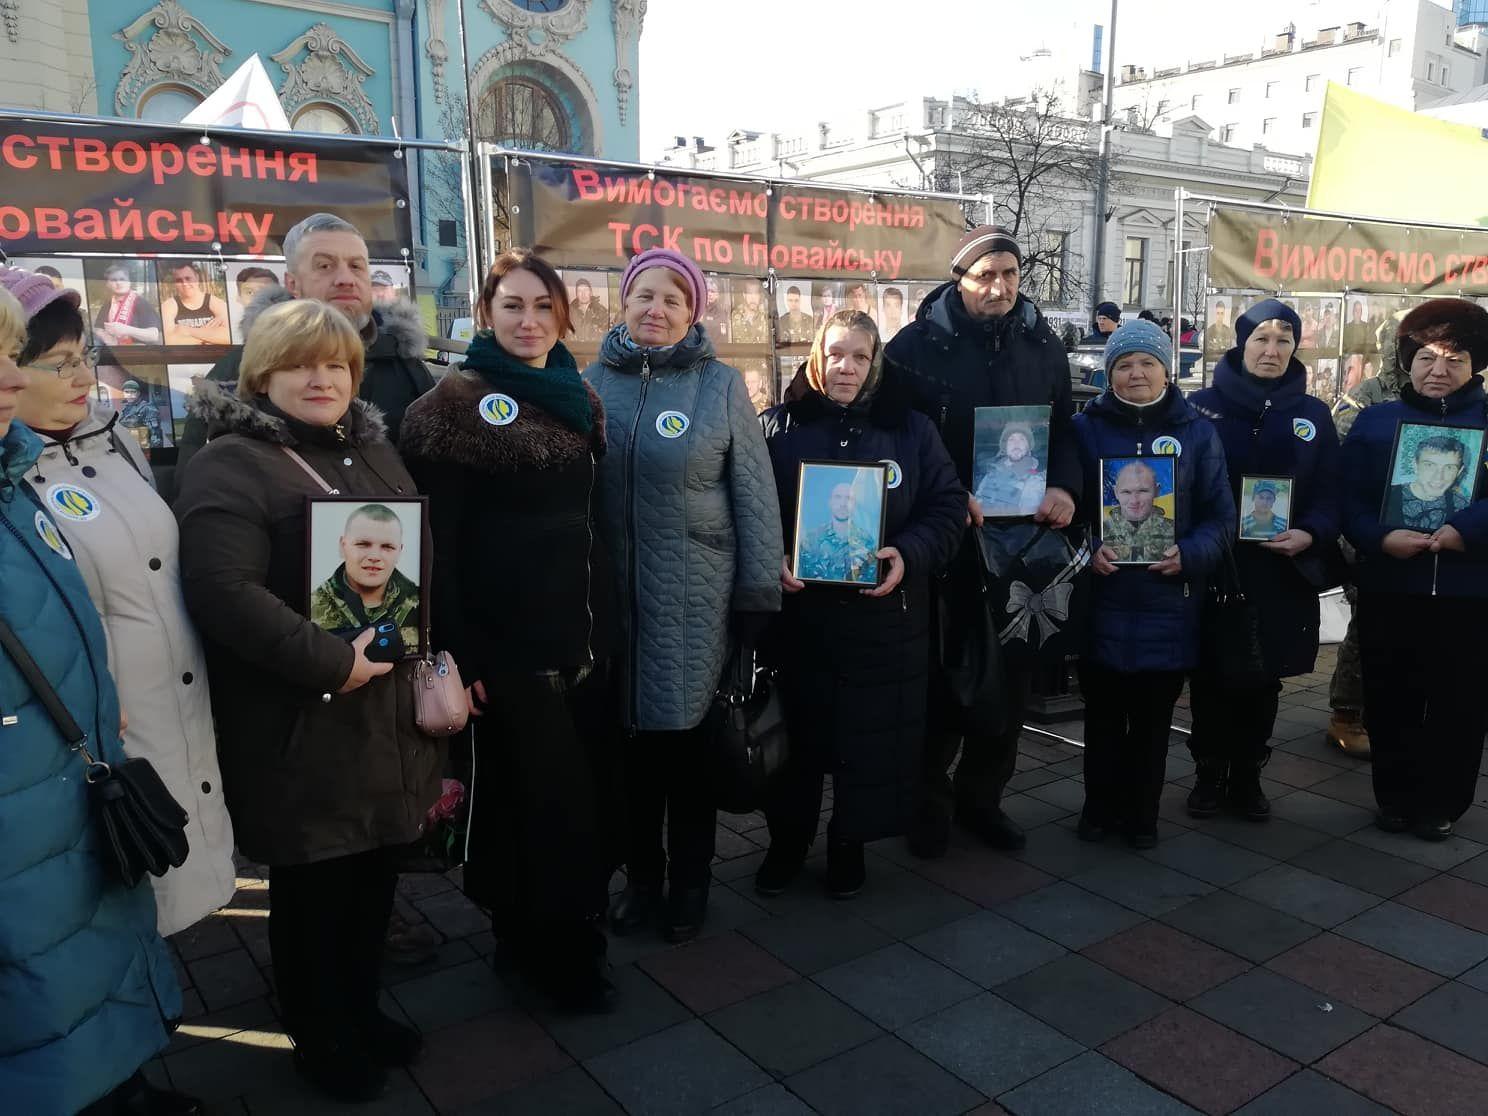 Відновлення тимчасової слідчої комісії ВР із розслідування справ щодо Іловайська й Дебальцевого та підвищення пенсій для родин загиблих